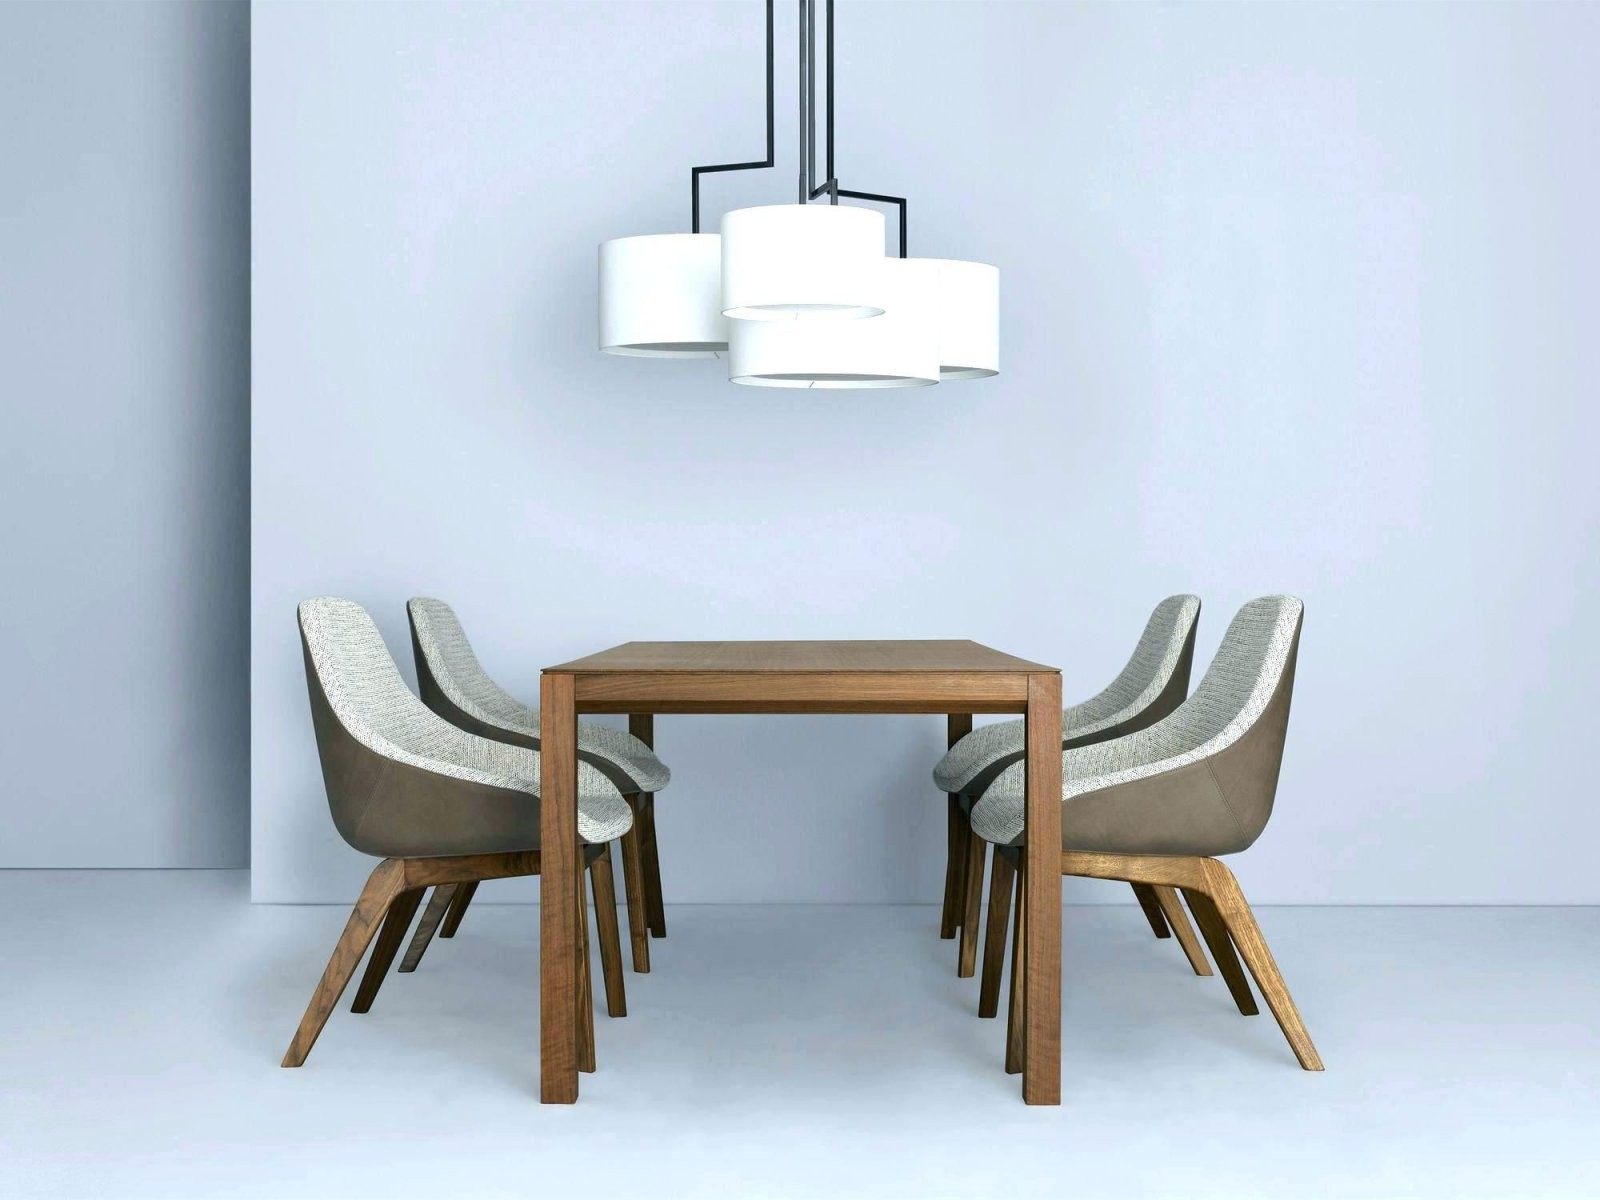 14 Gastronomie Stühle Und Tische Gebraucht Genial  Lqaff von Stühle Und Tische Für Gastronomie Gebraucht Photo